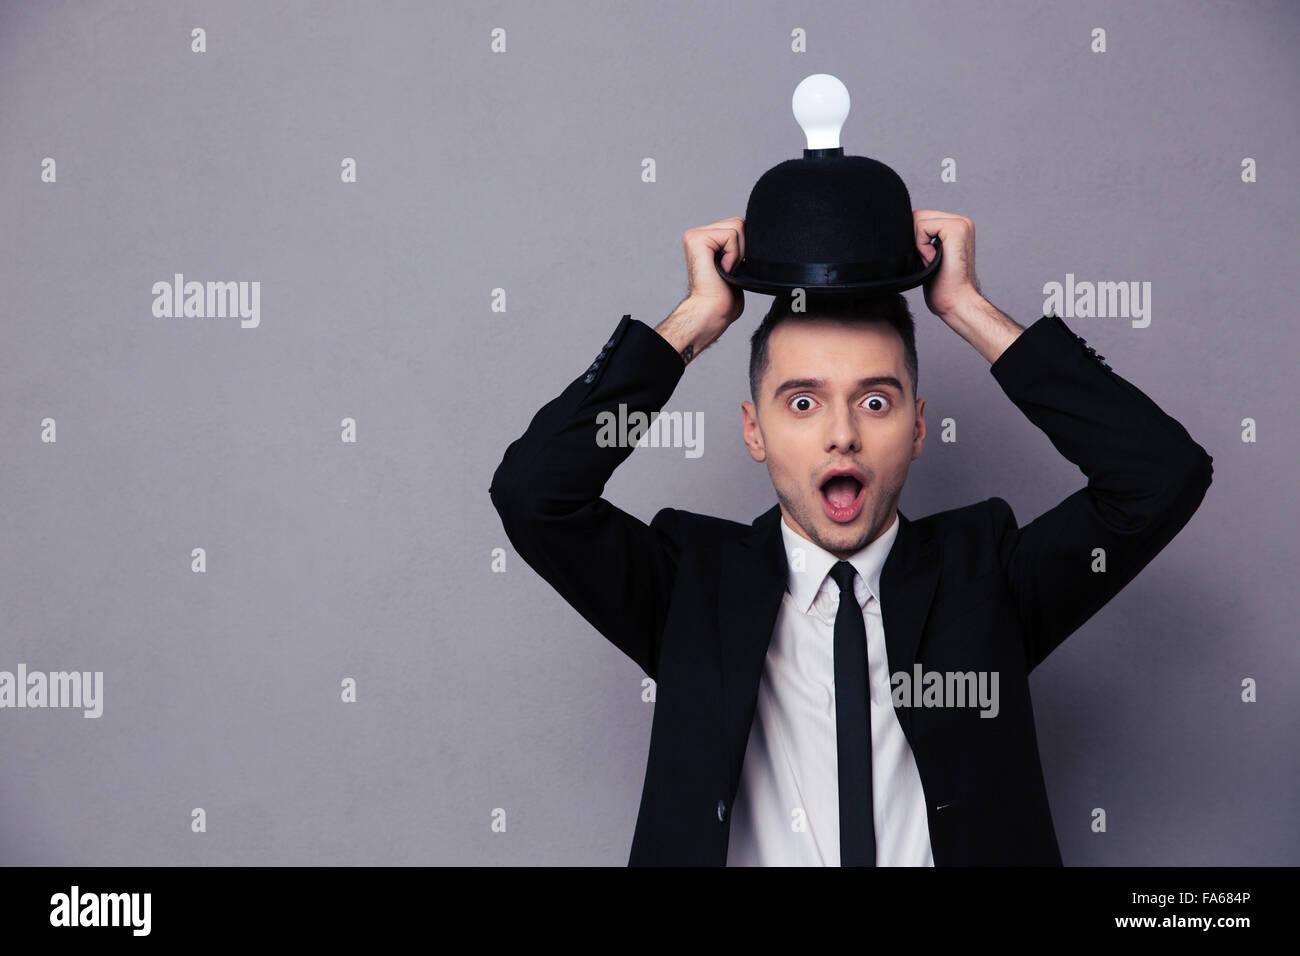 Concept photo d'un homme d'avoir une idée sur fond gris Photo Stock